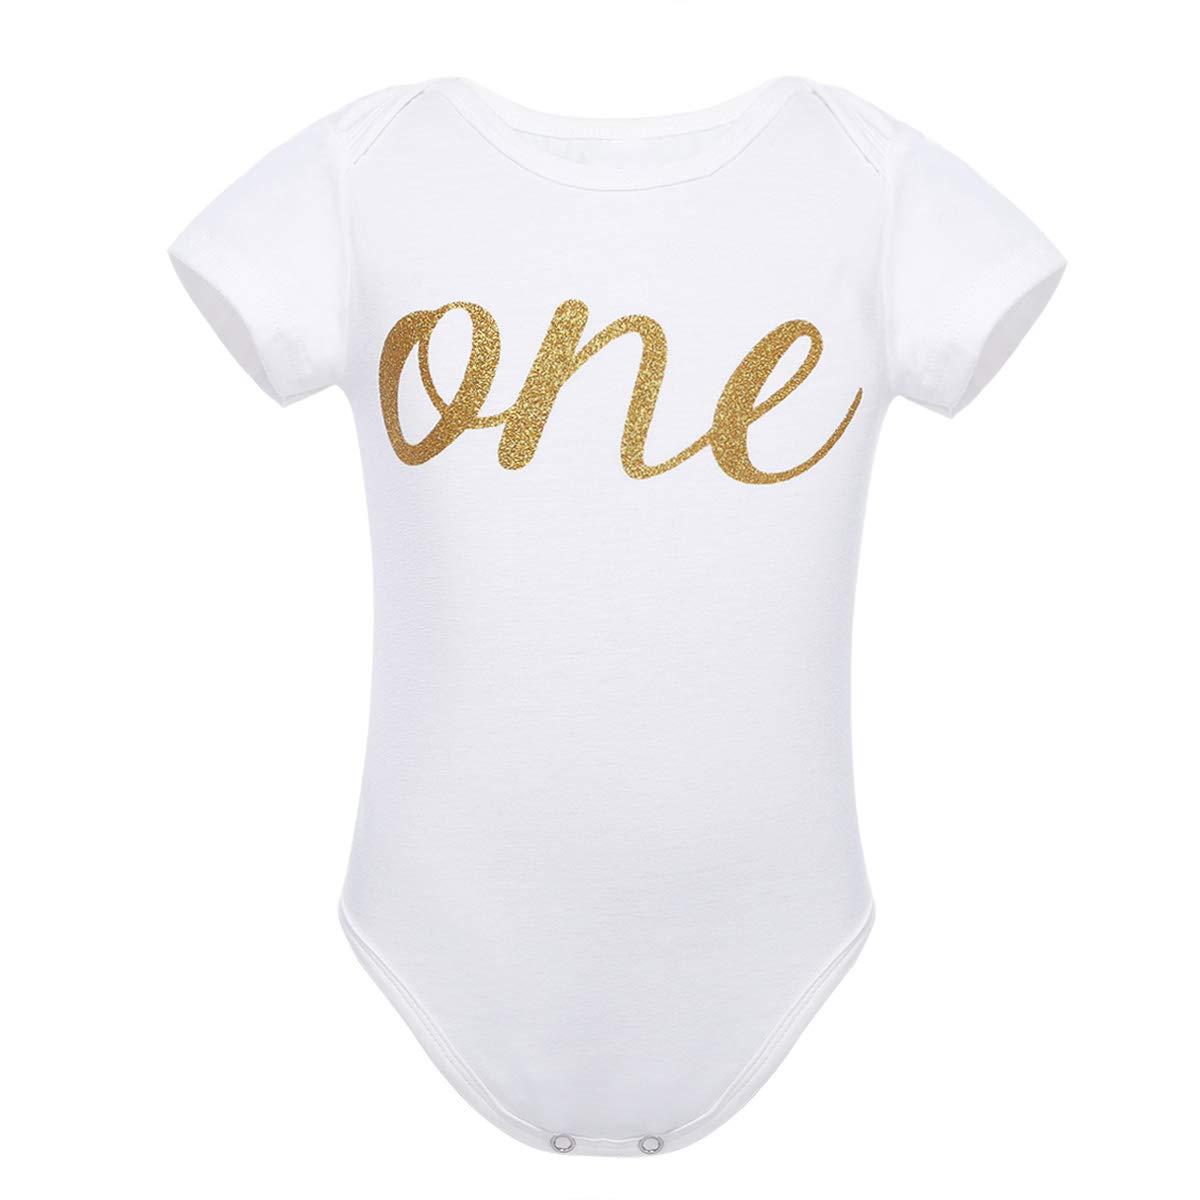 YiZYiF Pagliaccetto Body Neonata Manica Farfalla//Corta T-Shirt in Cotone Stampa Lettera Glitter One//Corona Pigiama Romper Tutine Jumpsuit Outfits Bambini Estate Abiti Compleanno